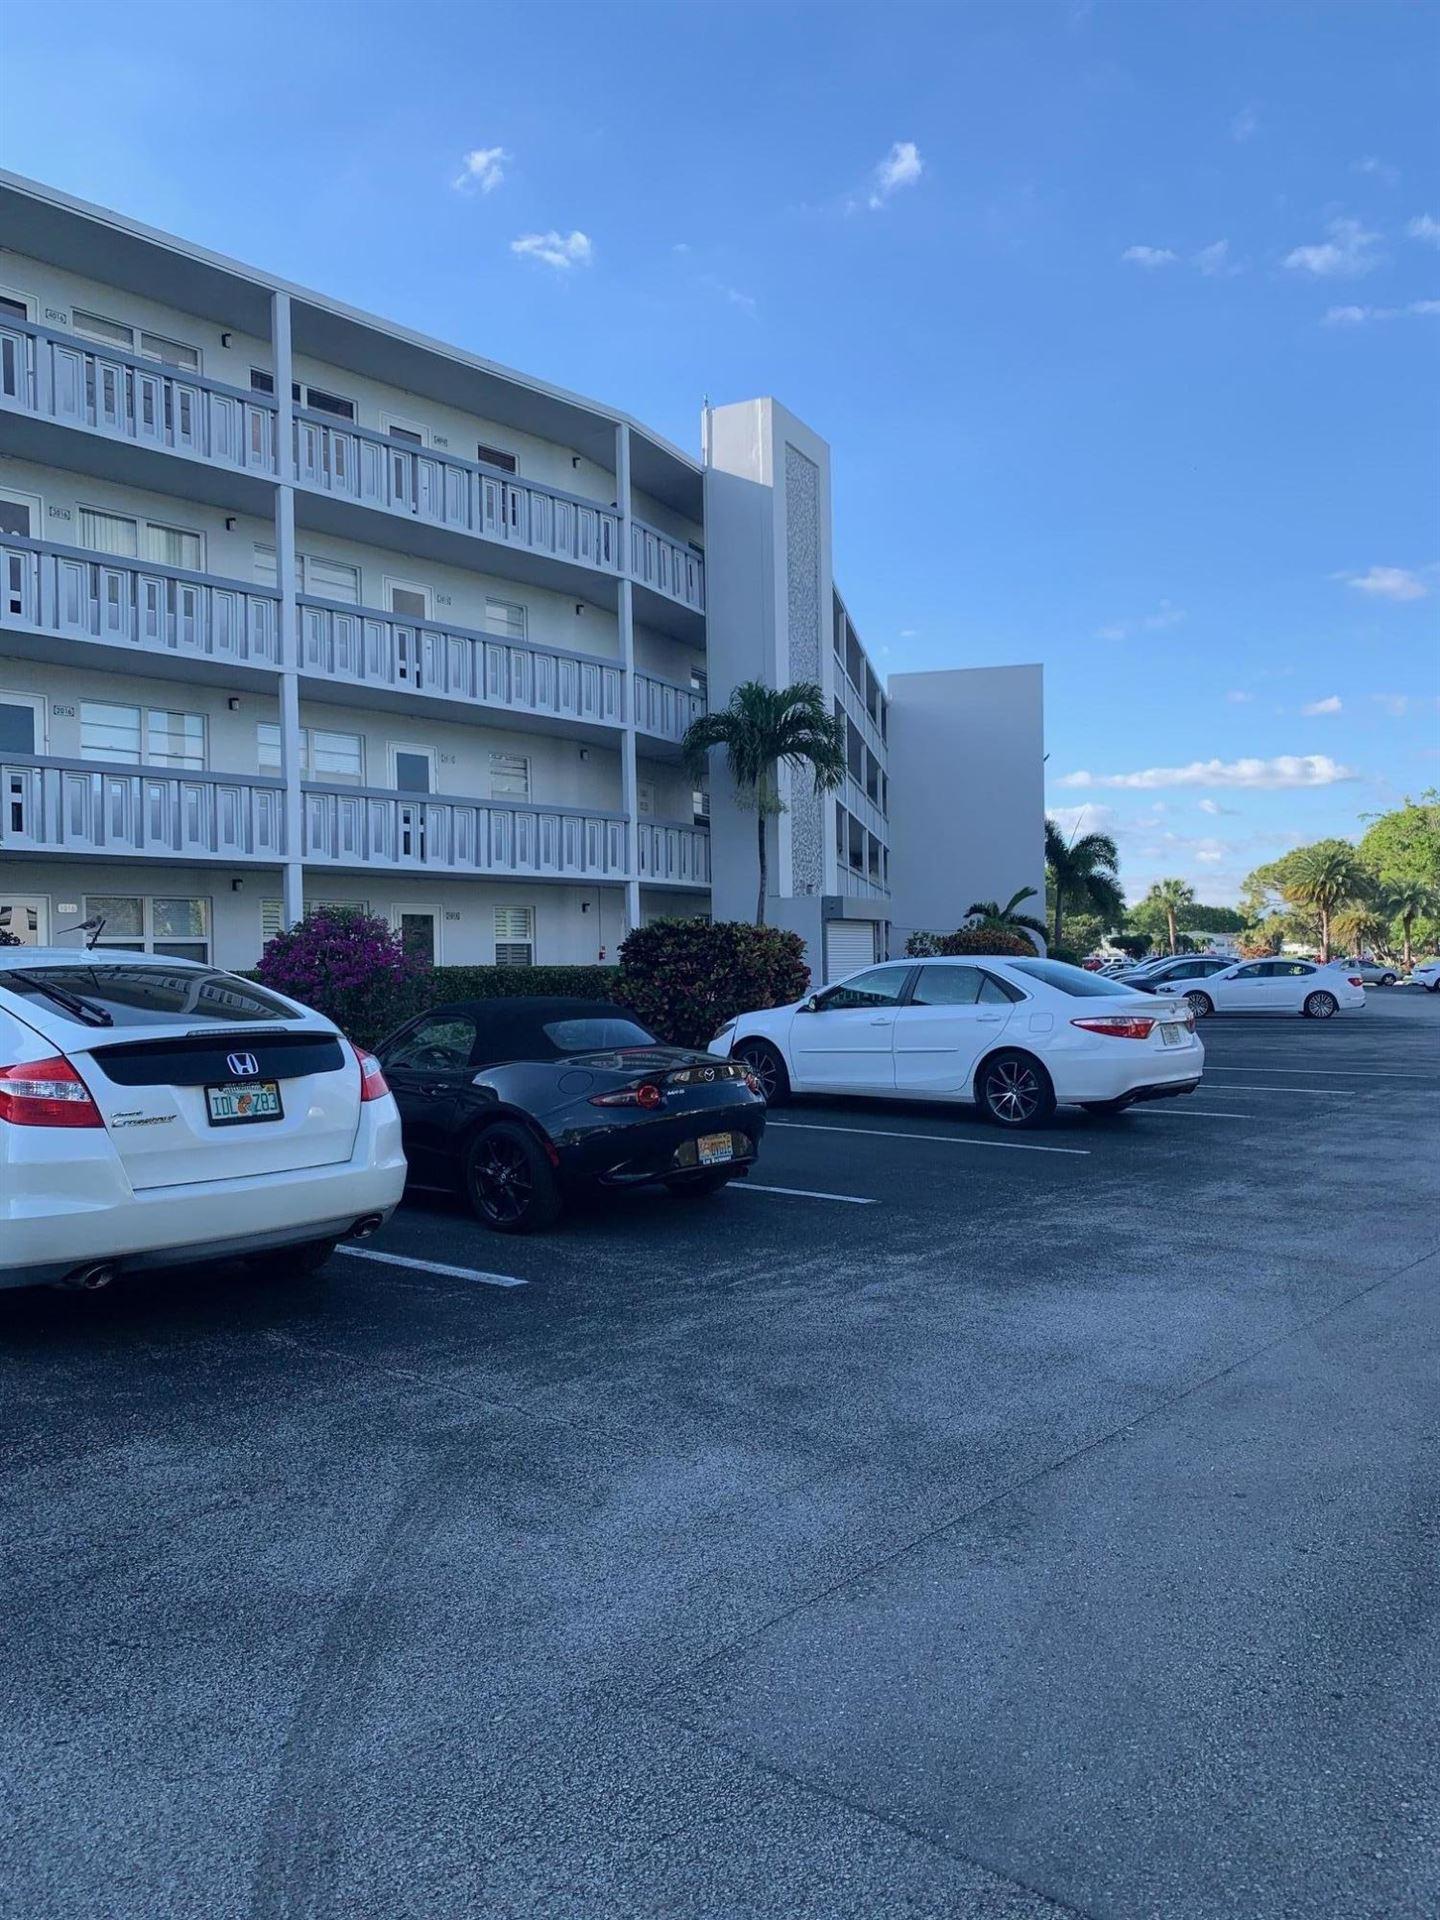 4008 Islewood D, Deerfield Beach, FL 33442 - MLS#: RX-10698492